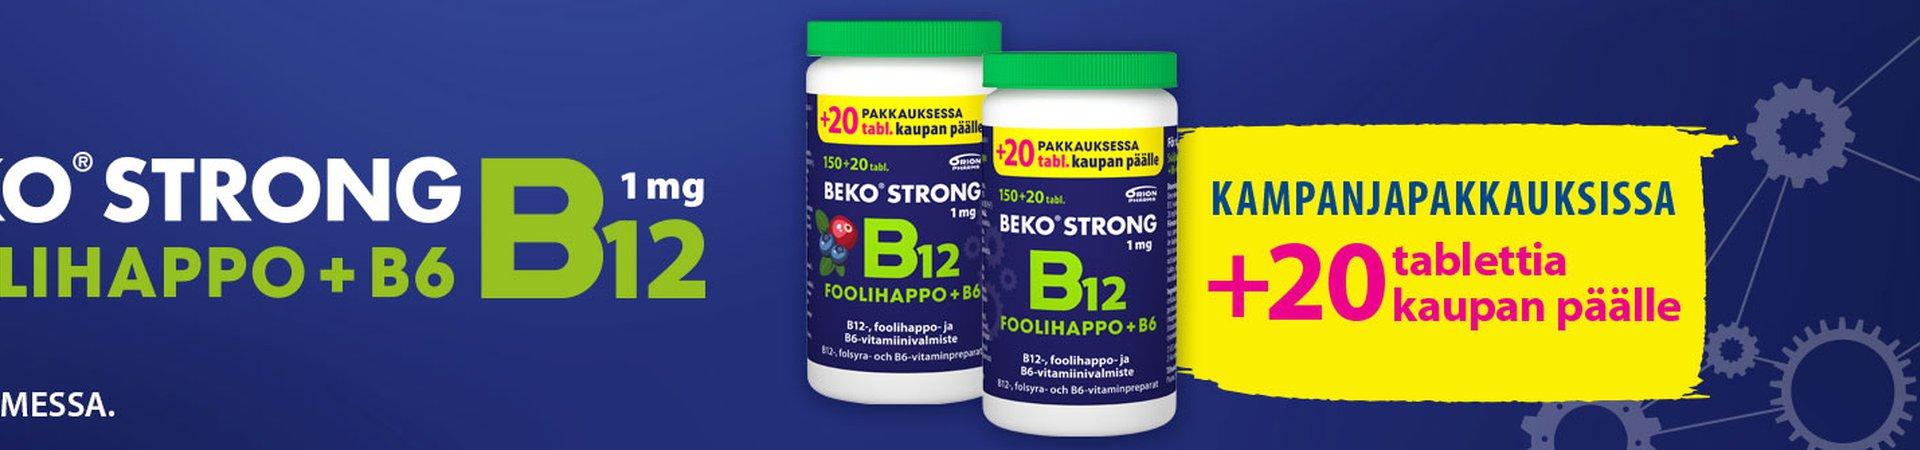 Beko Strong kampanja 170